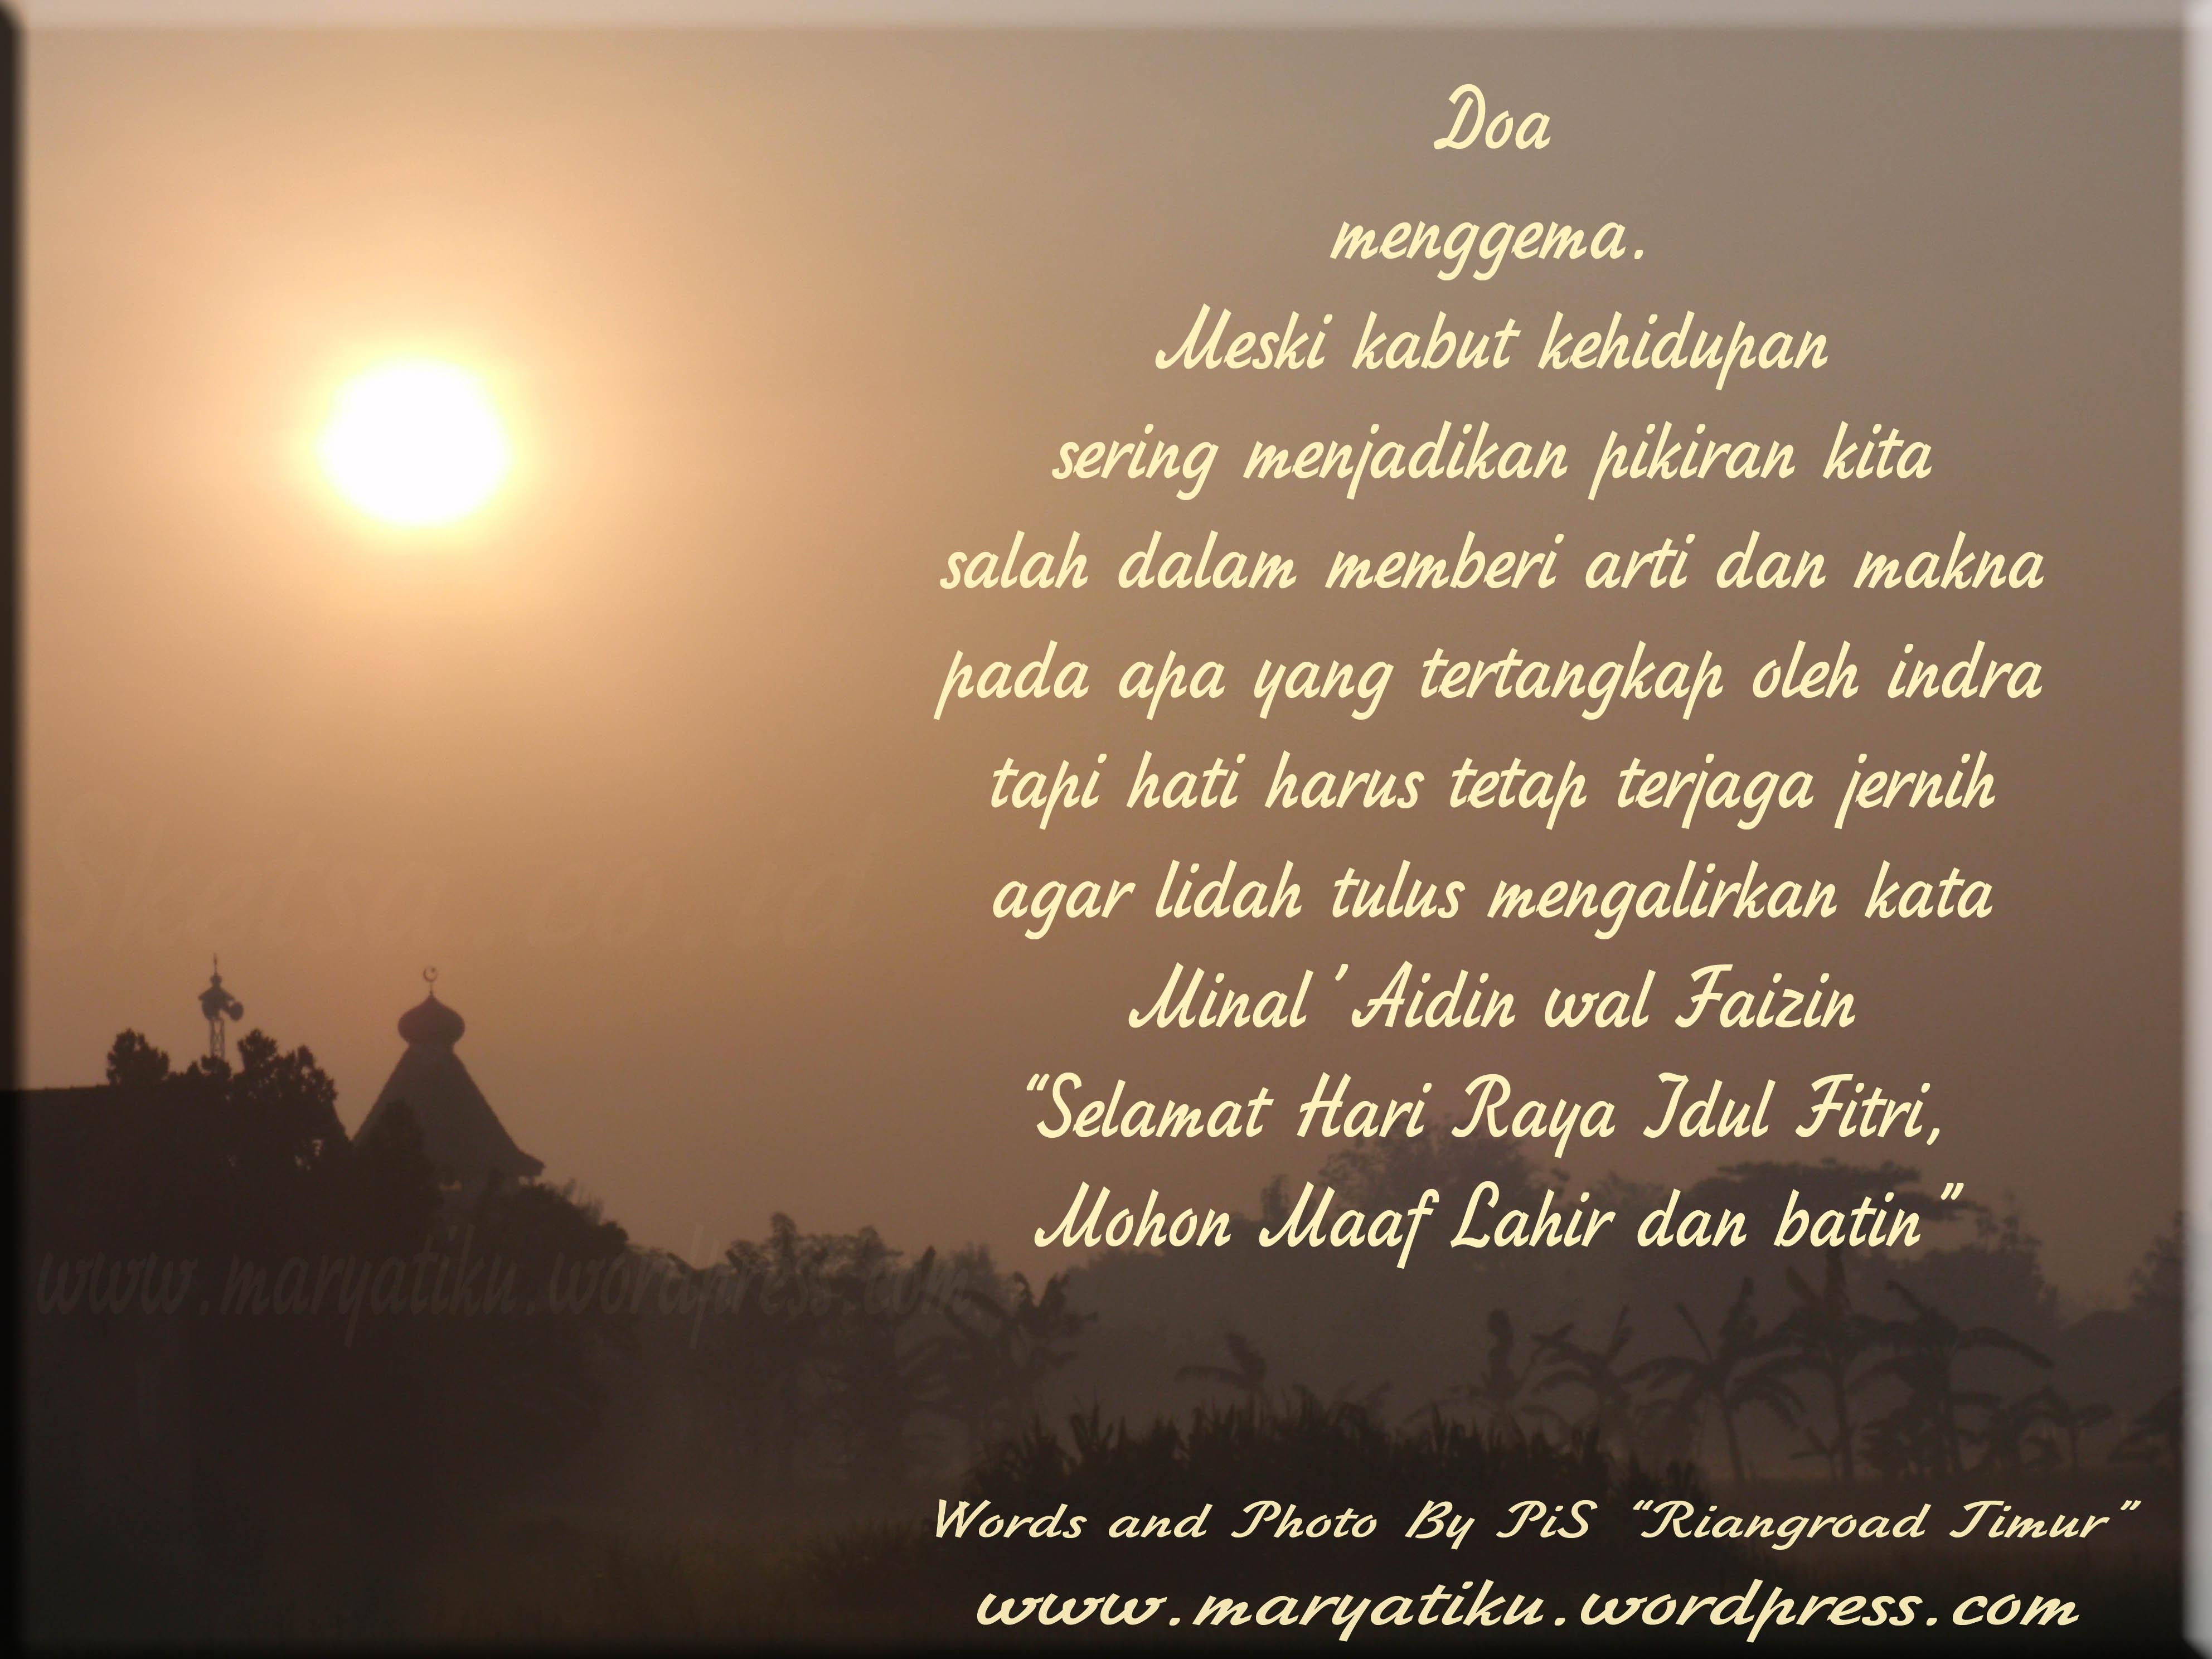 Image Result For Kata Kata Ucapan Selamat Hari Raya Idul Fitri